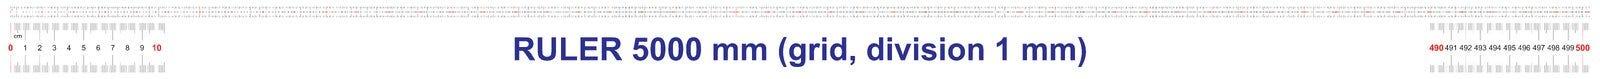 Règle de 5000 millimètres Règle de 500 centimètres Règle de 5 mètres Grille de calibrage Division de valeur 1 millimètre